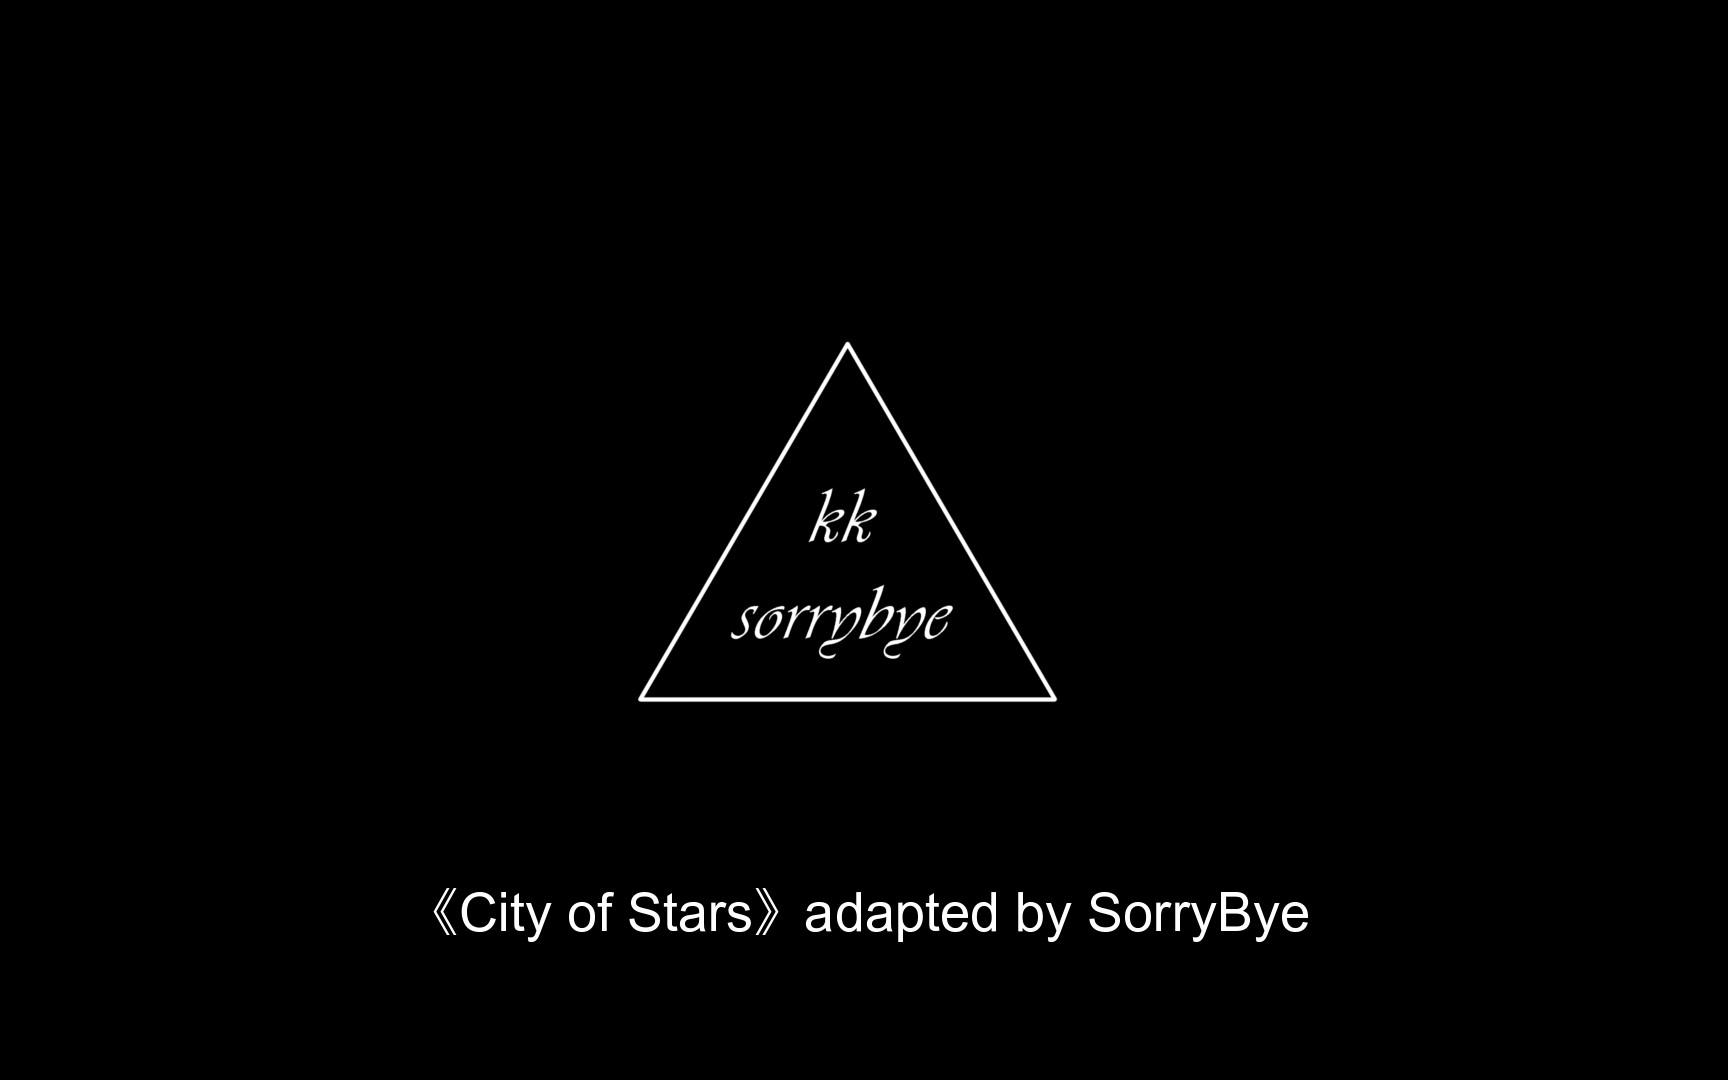 指弹吉他改编 爱乐之城主题曲《City of Stars》